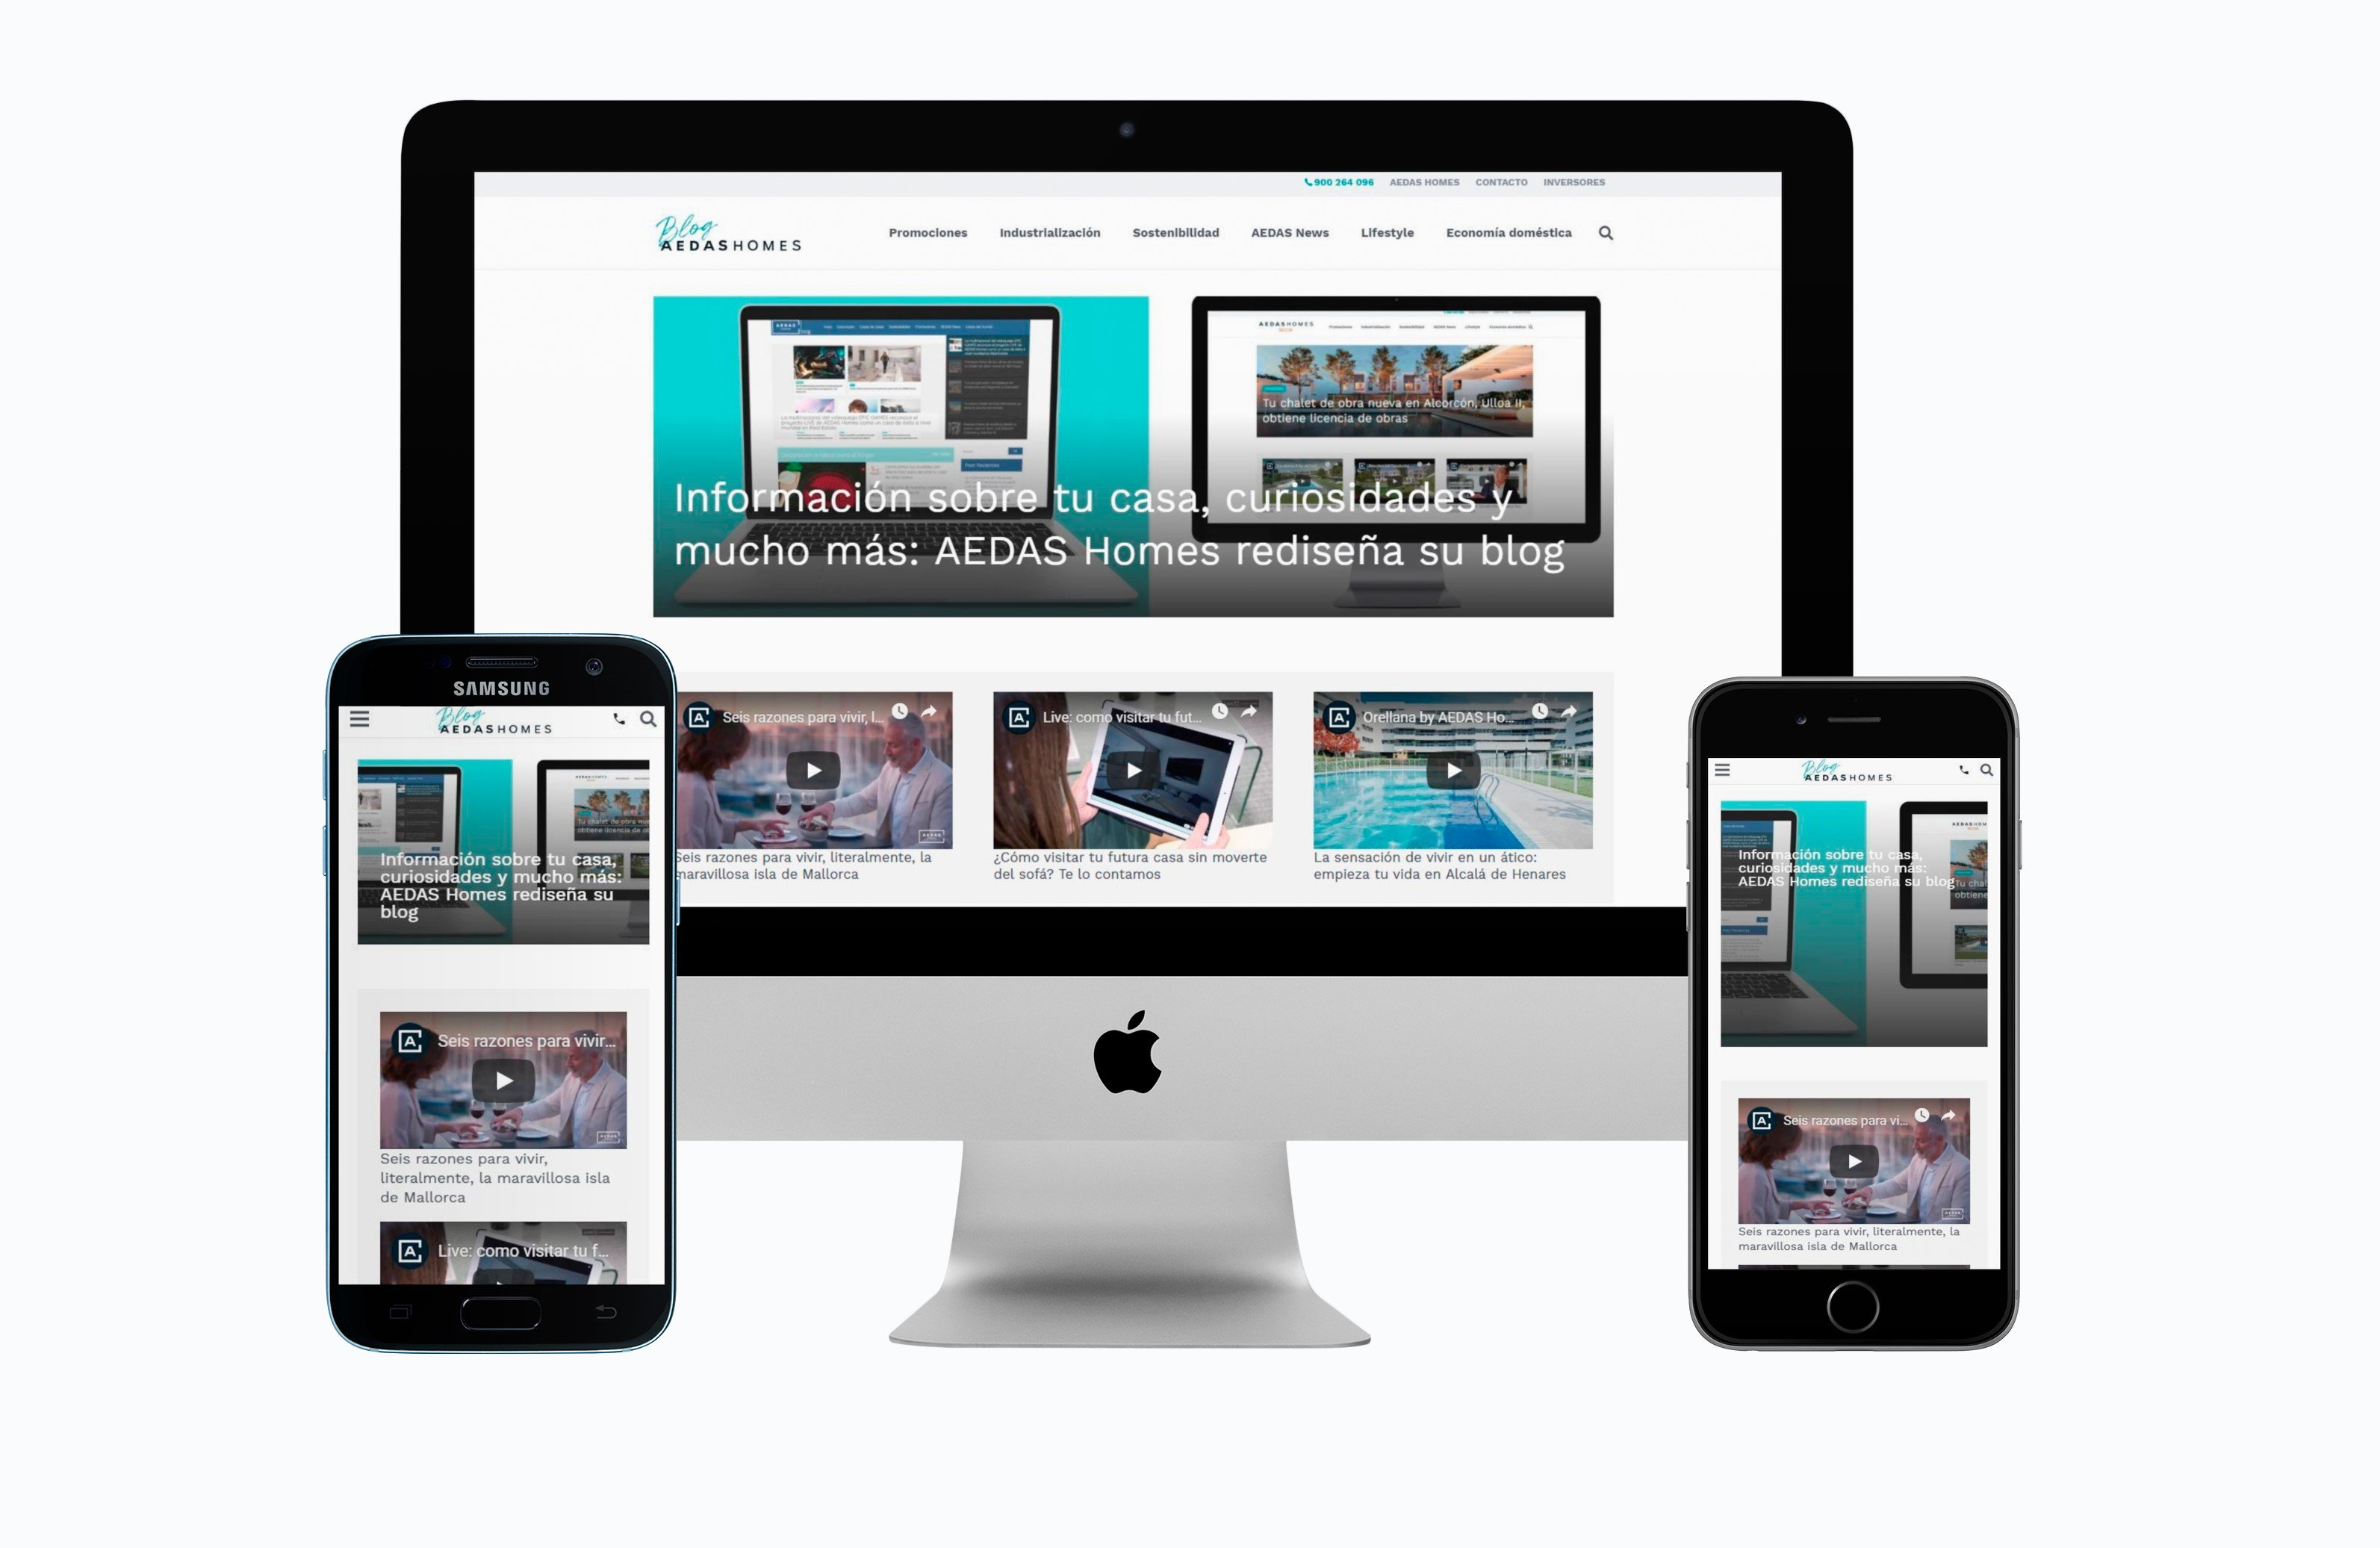 AEDAS Homes moderniza su Blog